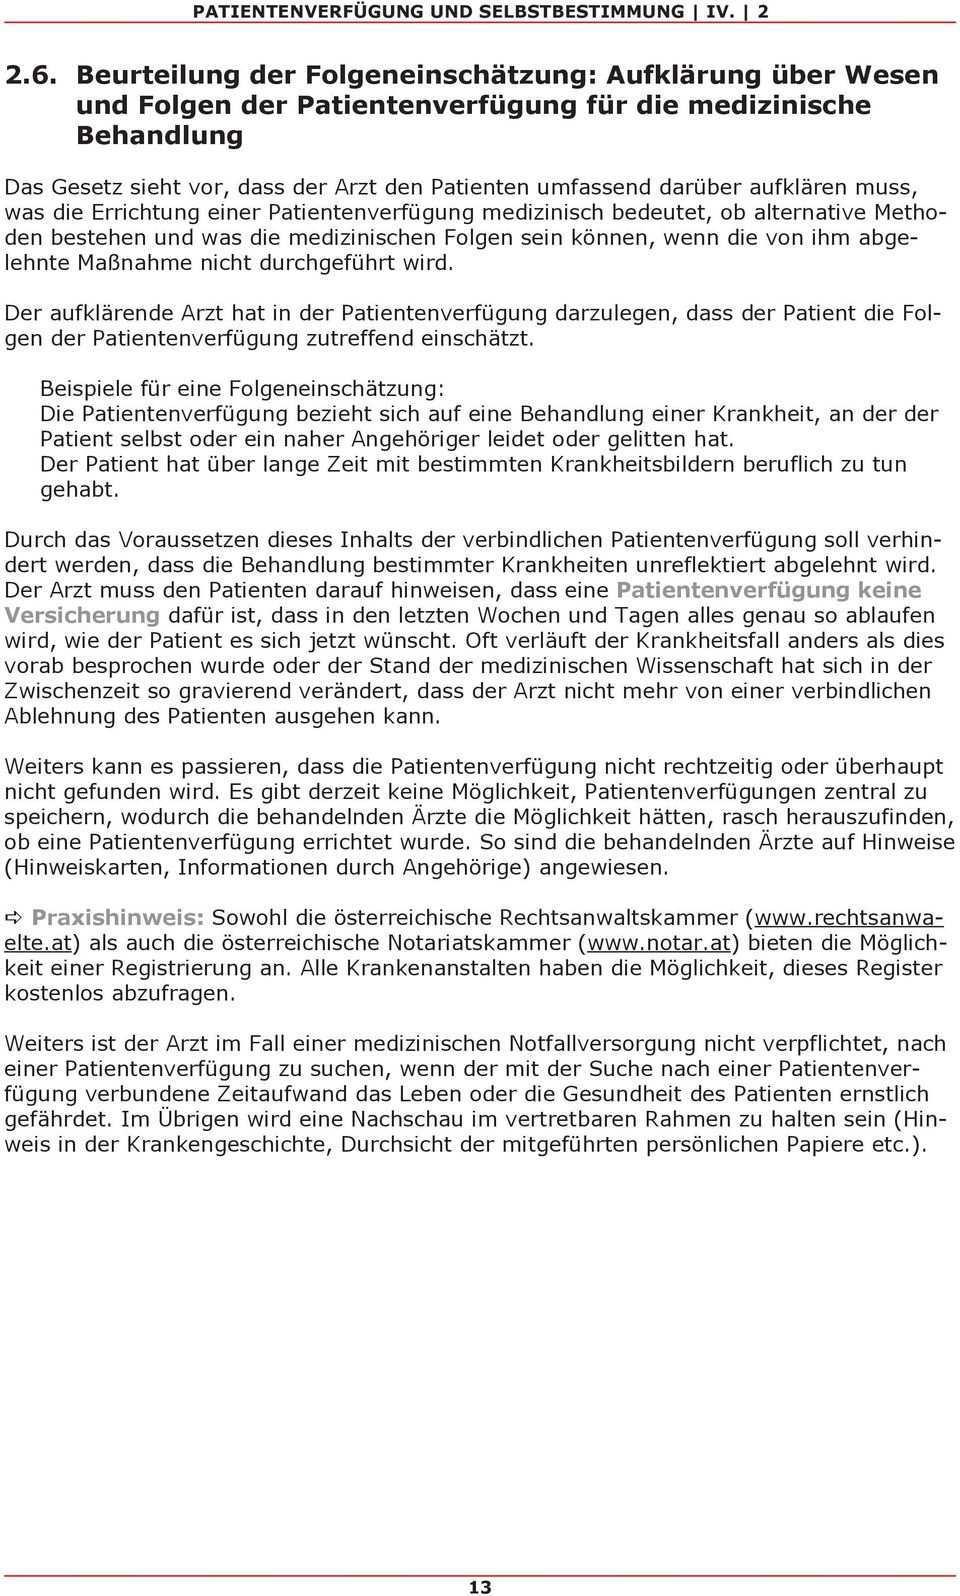 Patientenverfugung Und Selbstbestimmung Leitfaden Fur Arztinnen Und Arzte Zur Erstellung Und Anwendung Einer Patientenverfugung Pdf Free Download